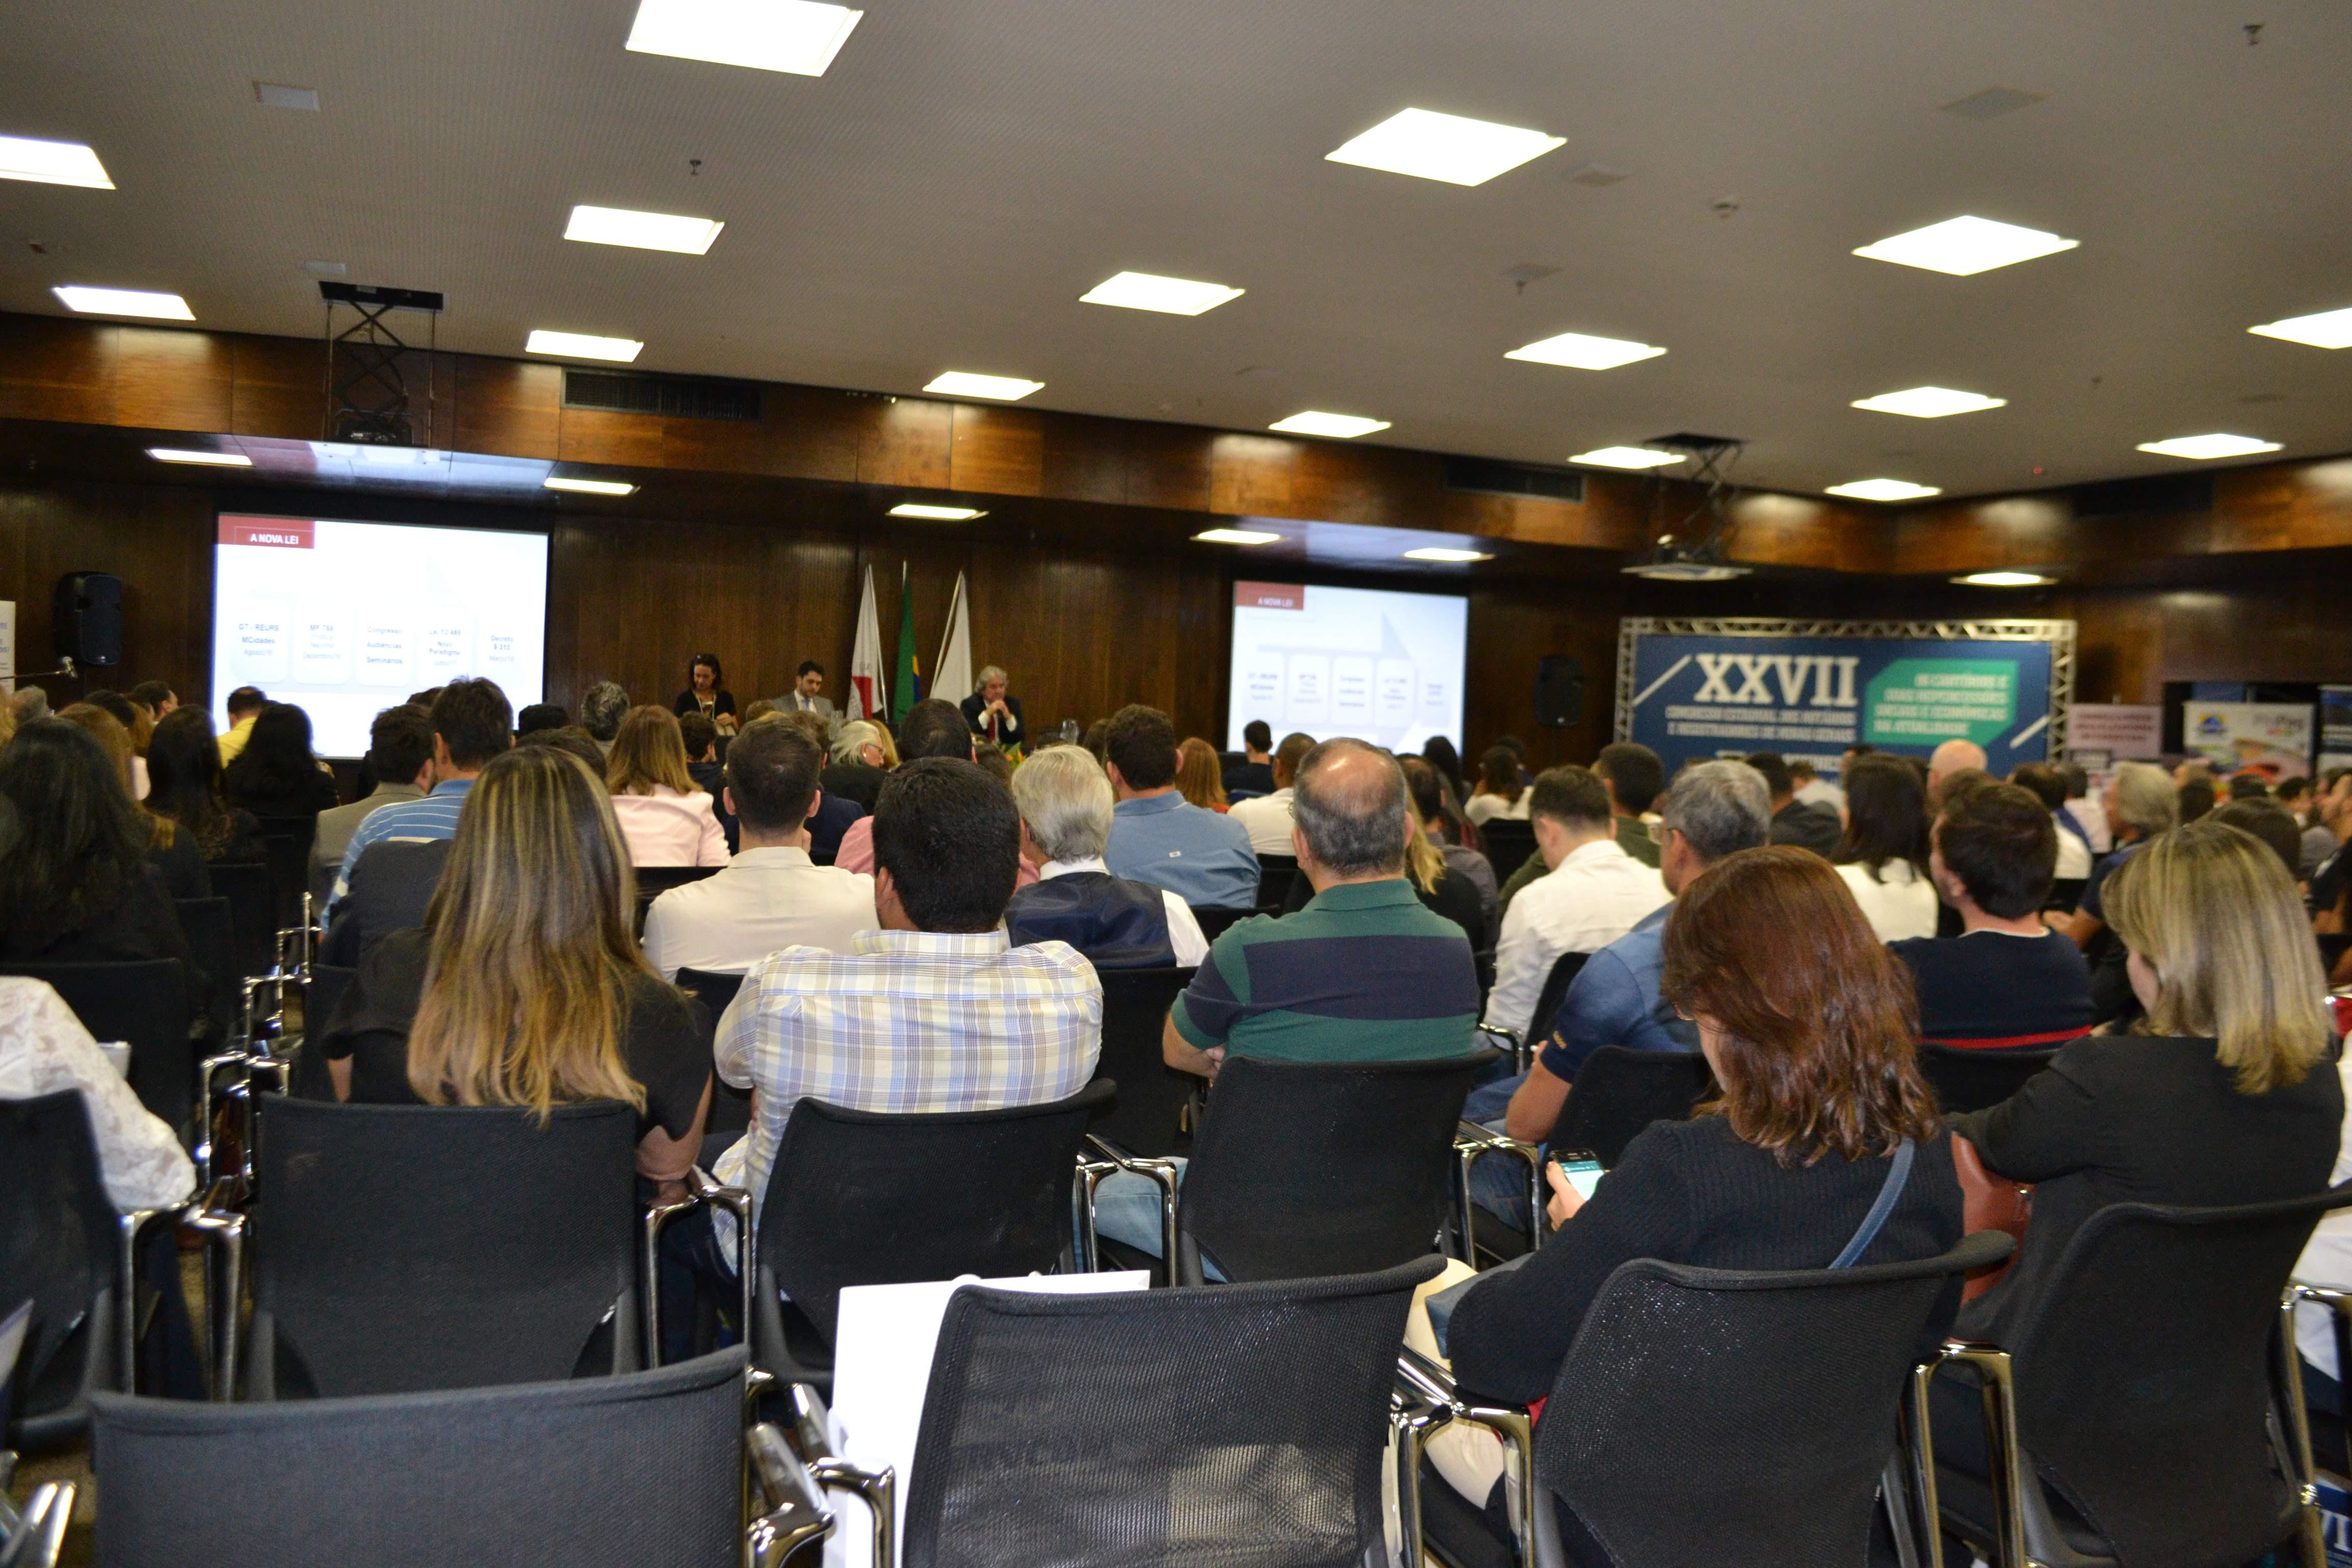 XXVII Congresso Estadual Dos Notários E Registradores De Minas Gerais – Dia 13